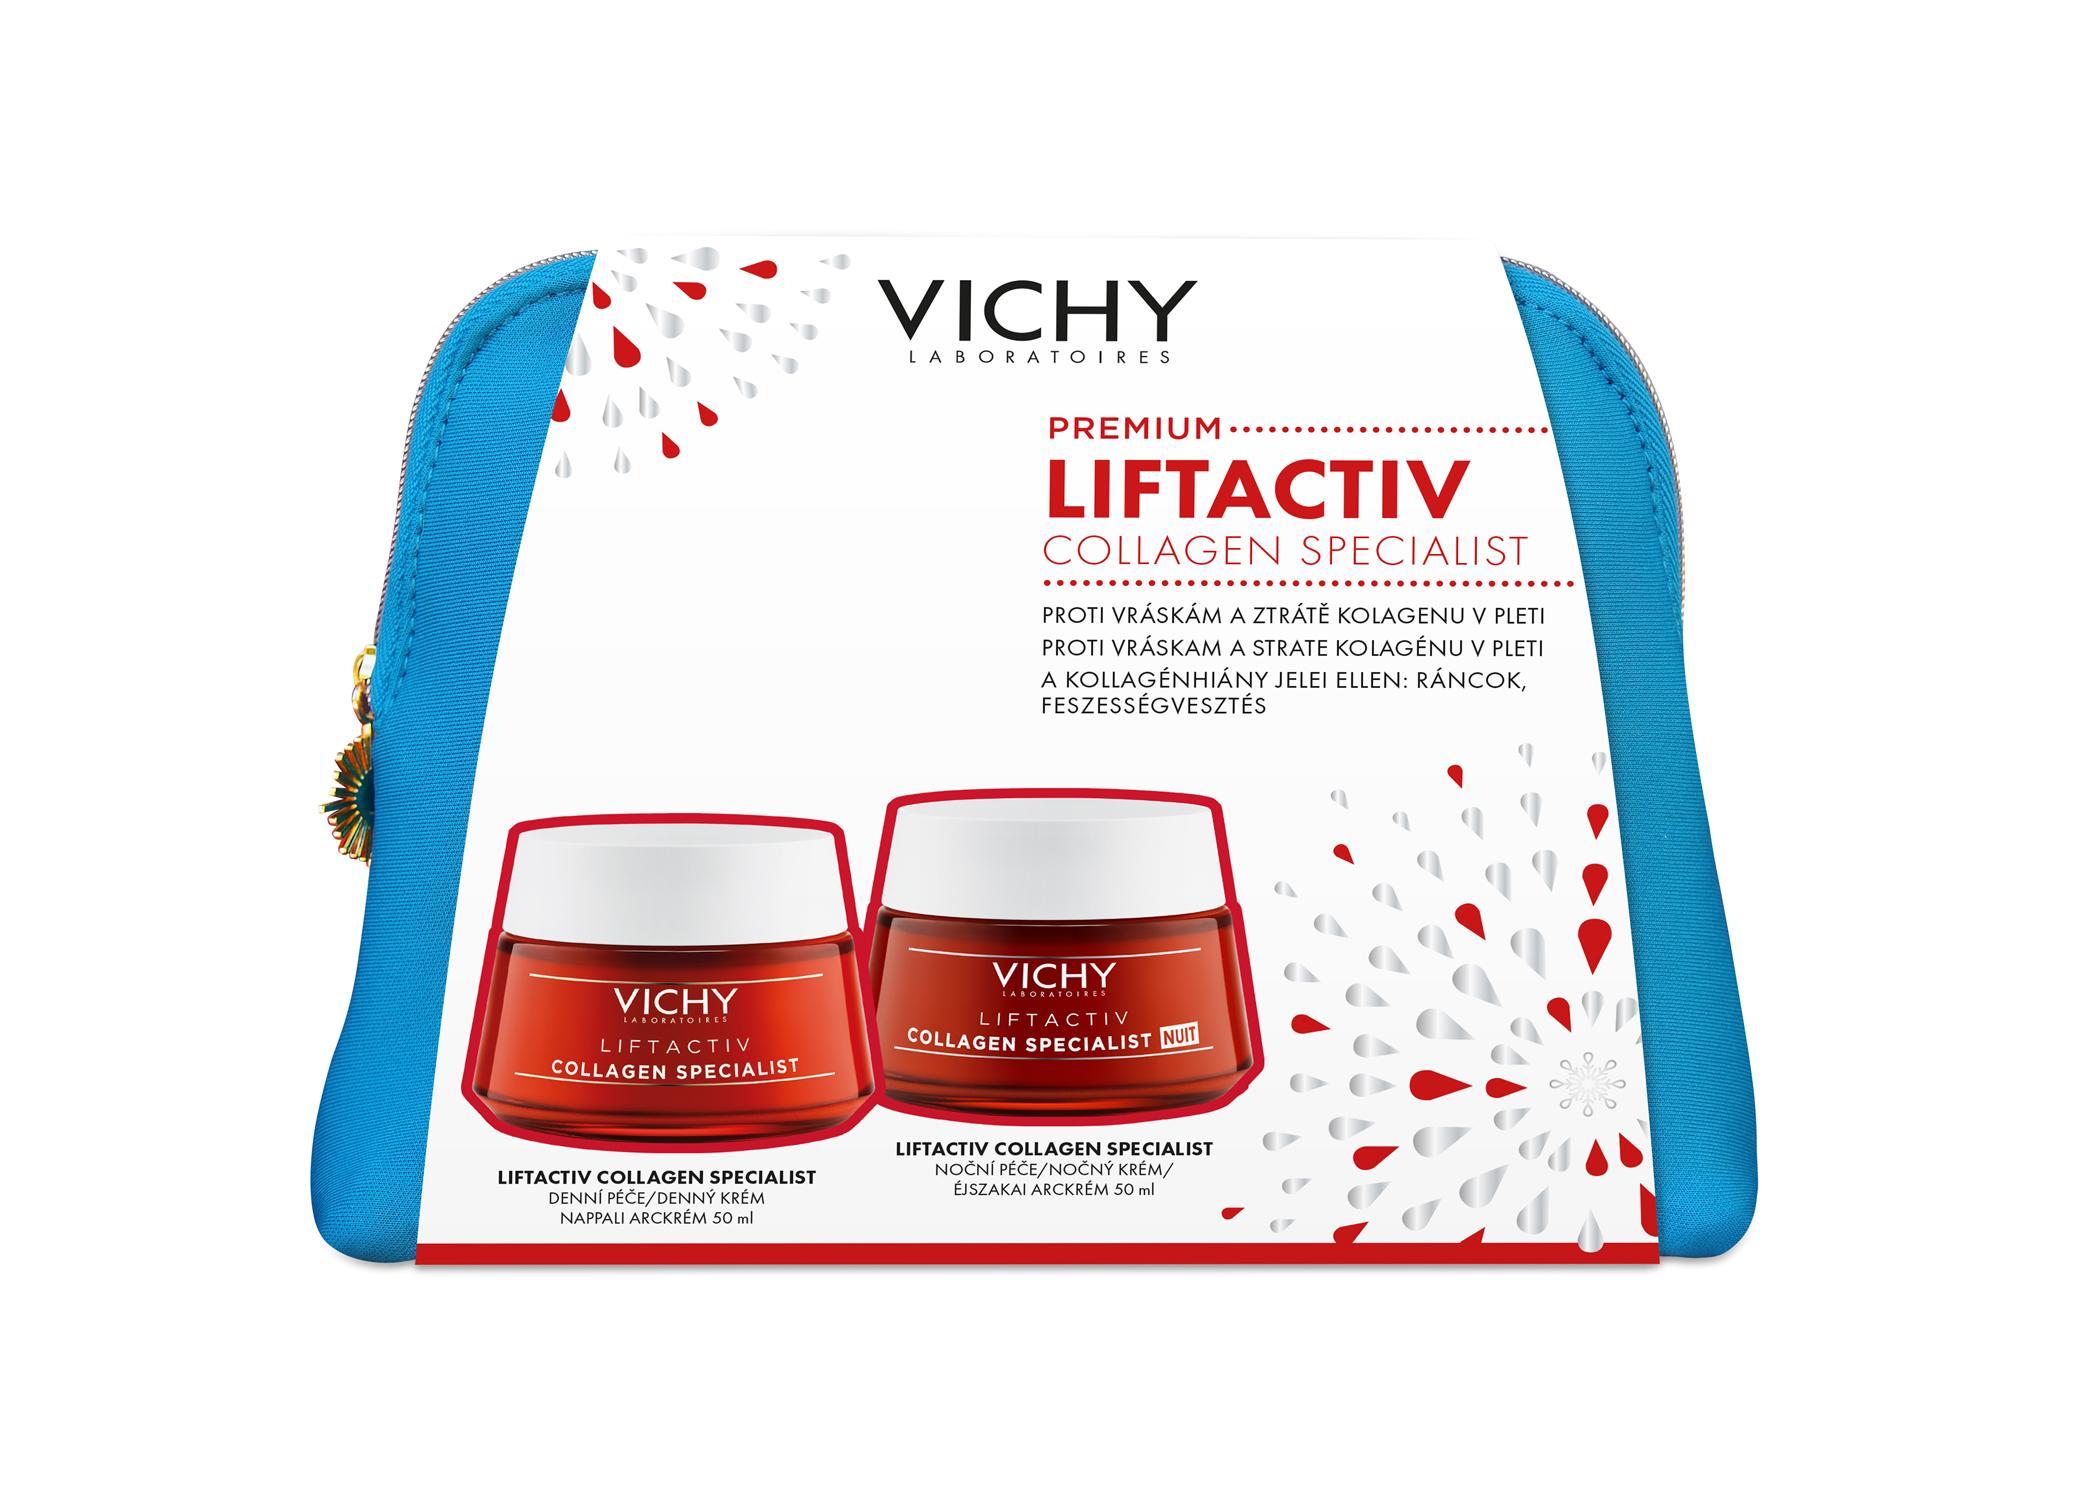 Vichy Liftactiv Coll. Spec. karácsonyi csomag 2021 1x